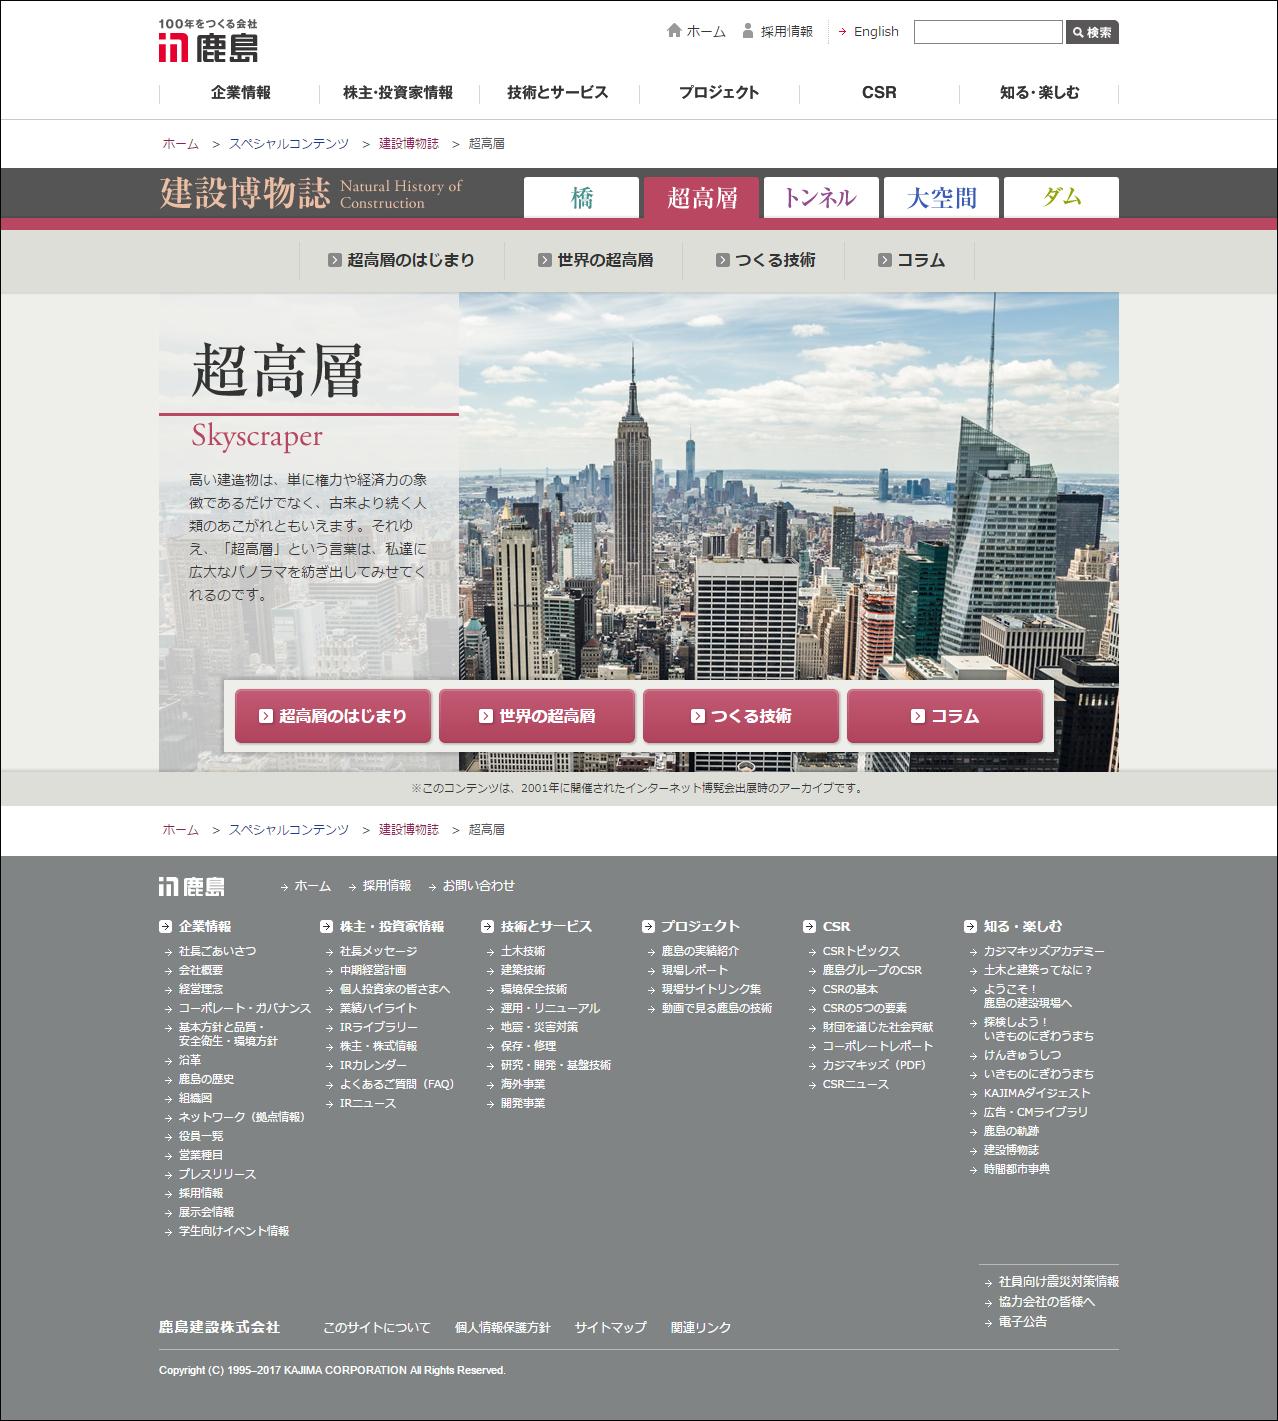 画像:Webコンテンツリニューアル制作「建設博物誌」/鹿島建設